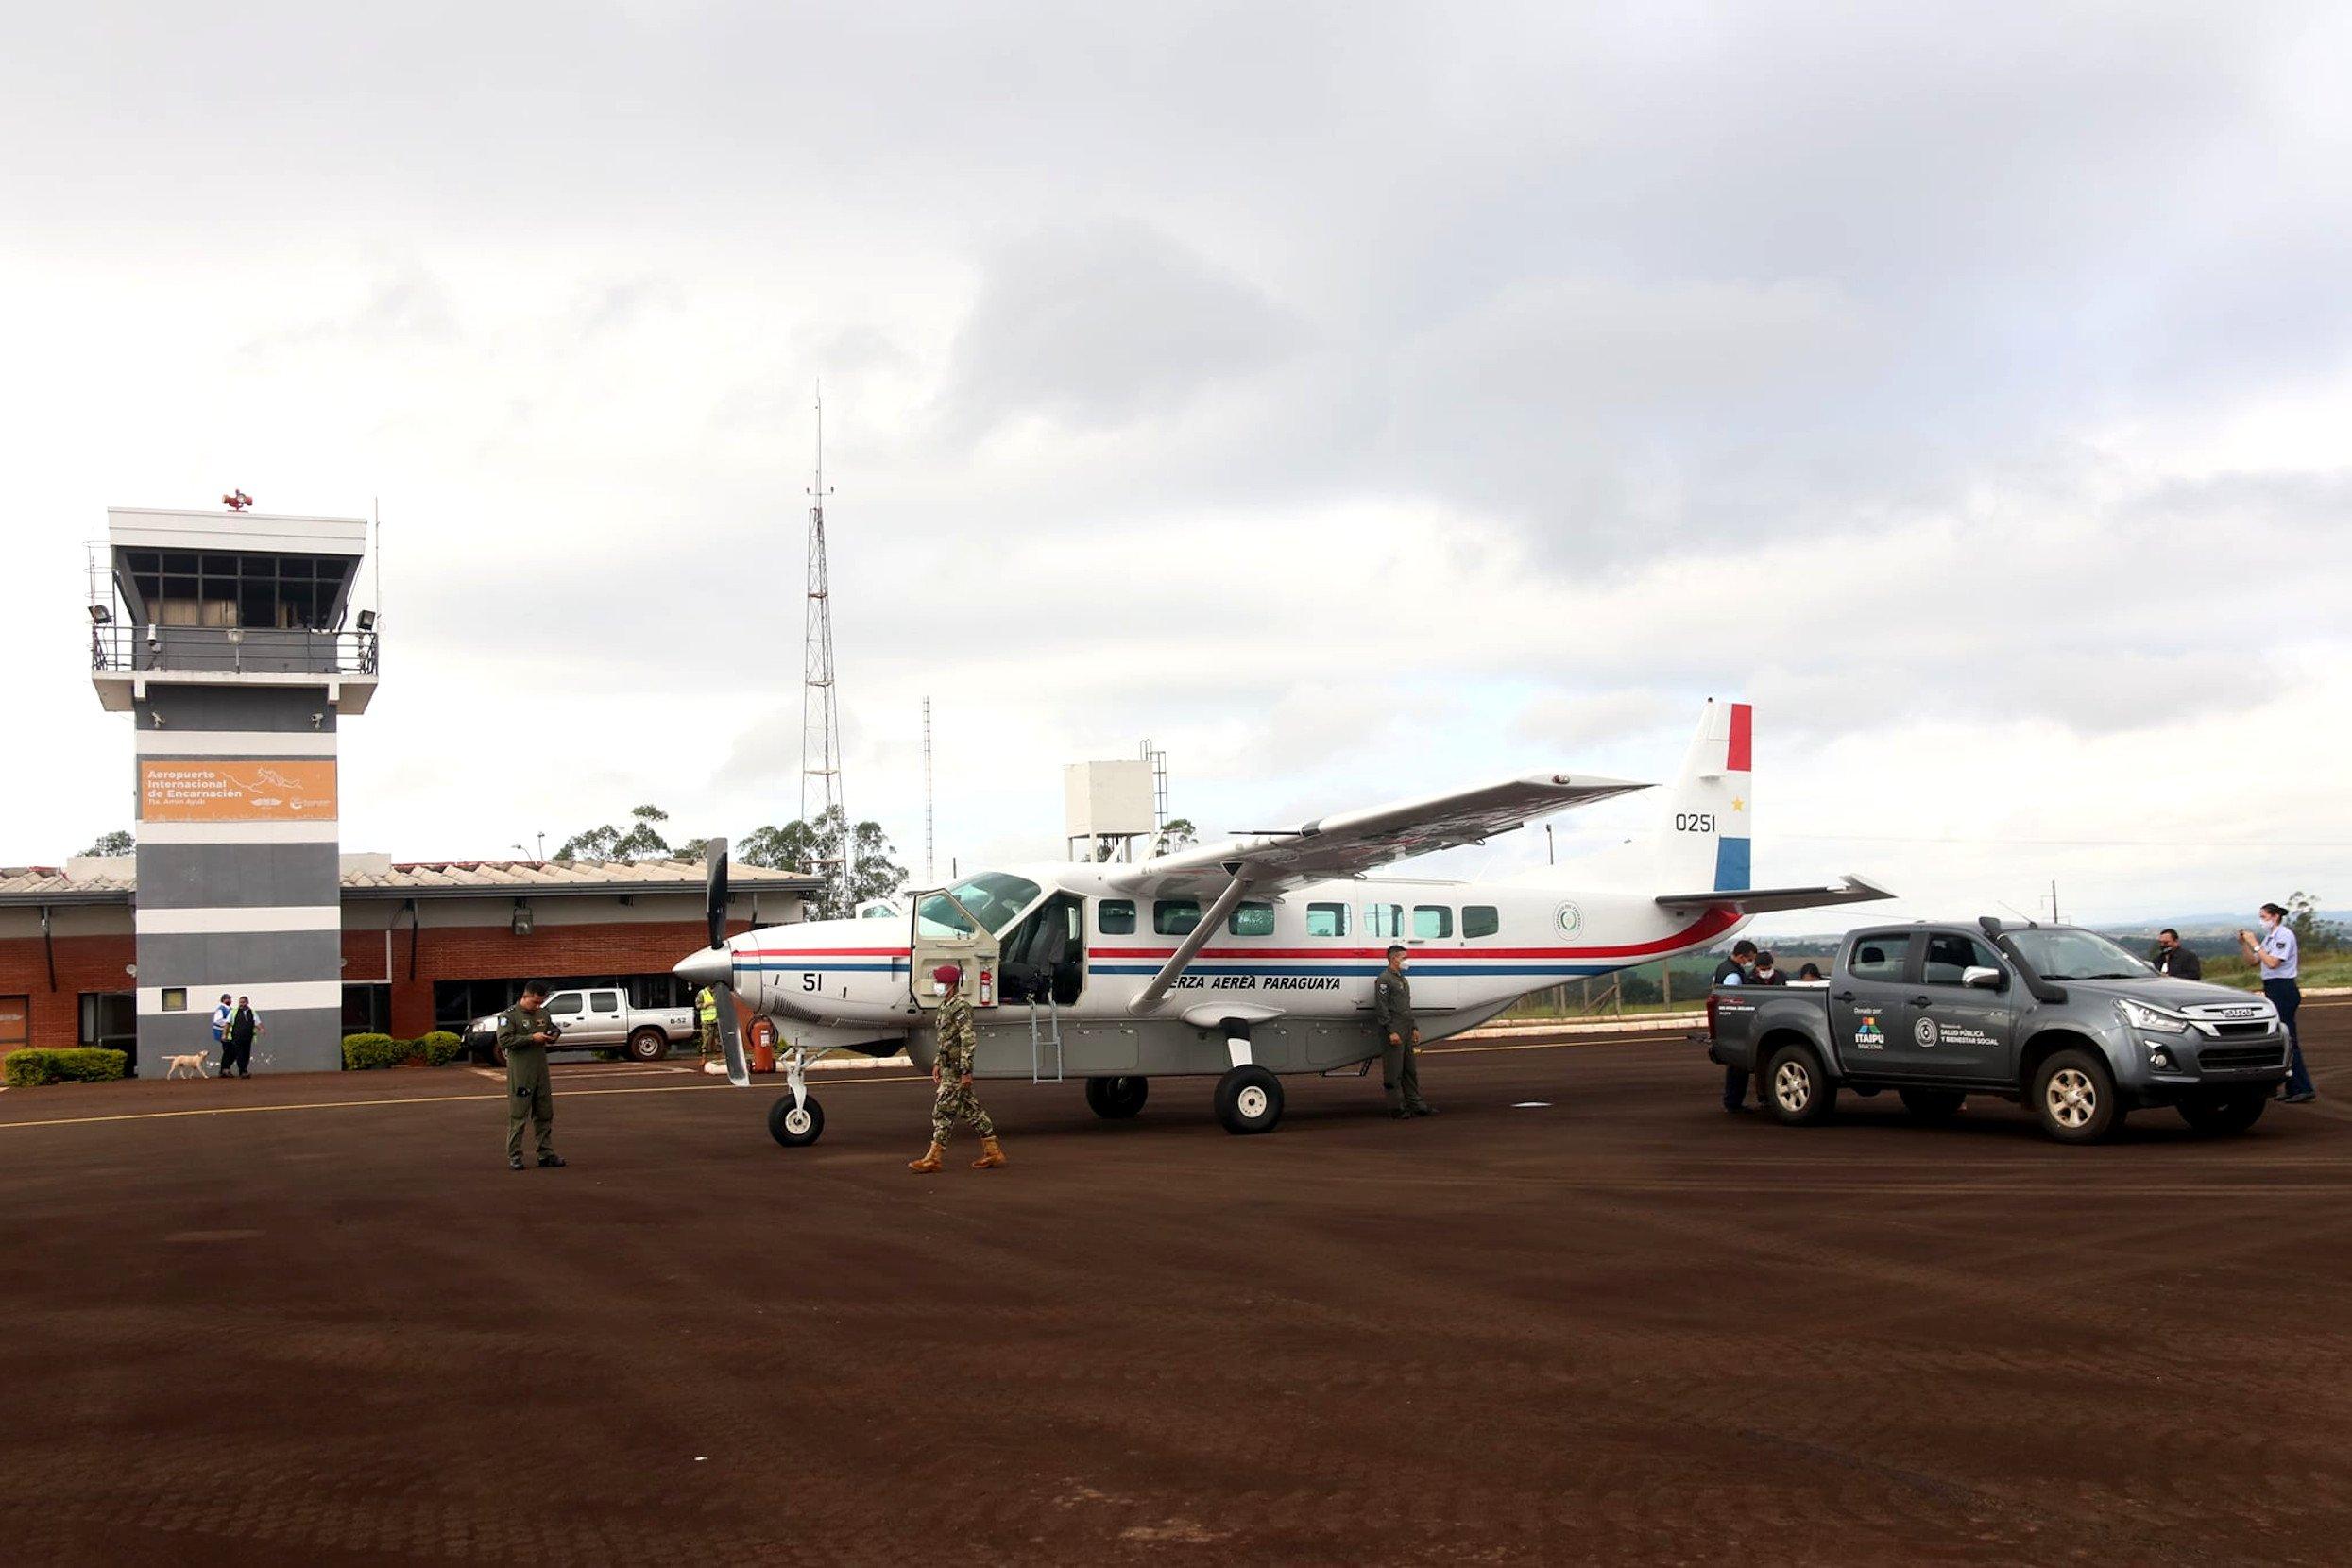 Paraguayan Cessna 208B Grand Caravan [Paraguayan Air Force]